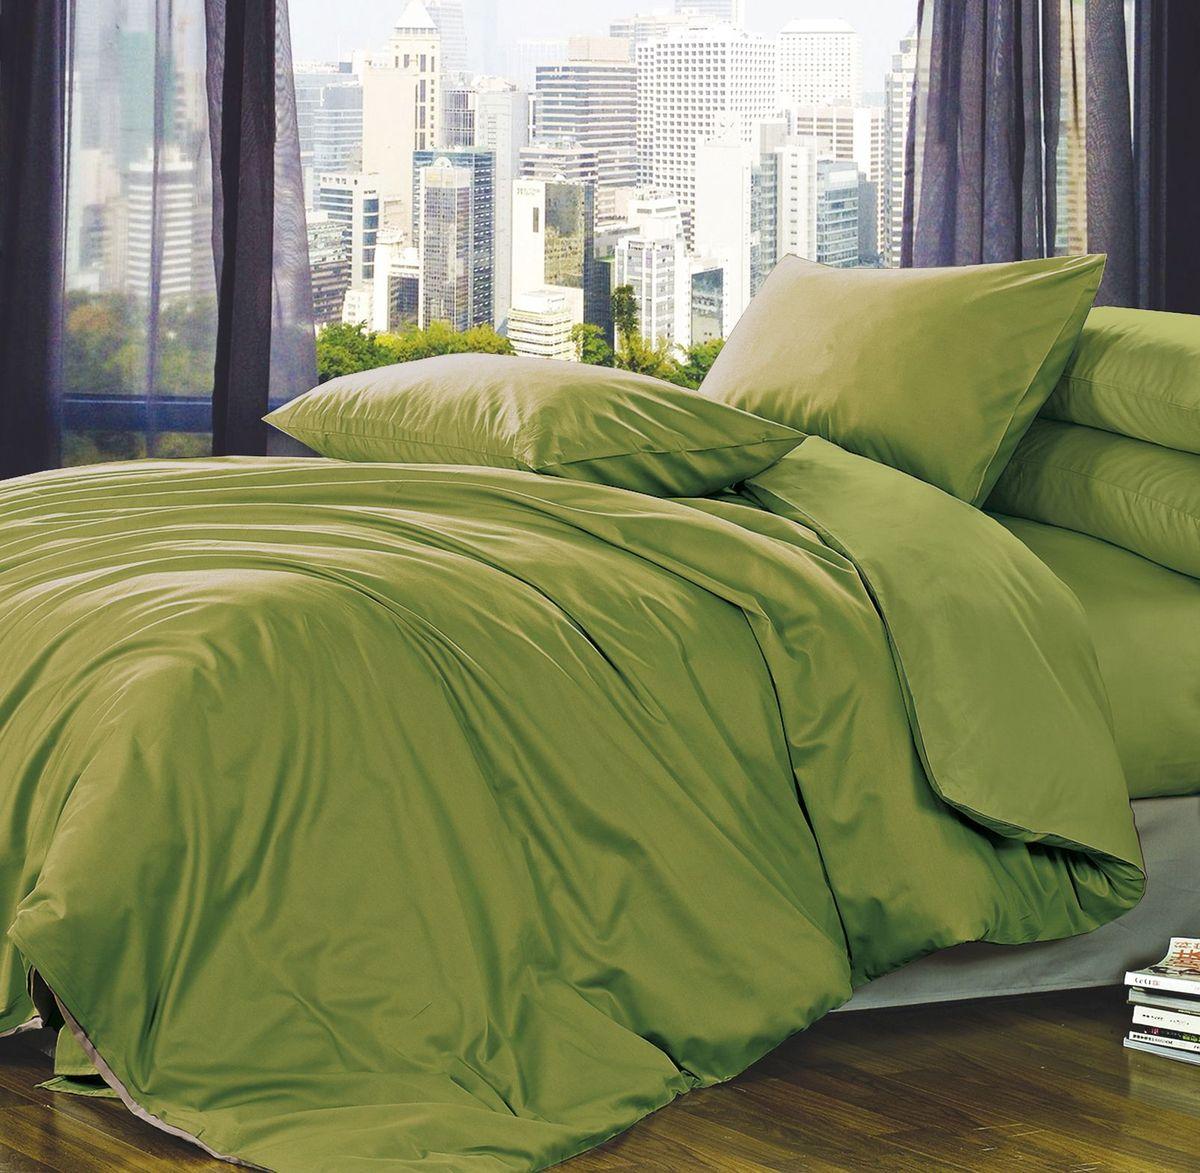 Комплект белья Коллекция Зеленый, 1,5-спальный, наволочки 70x70 смПС1.5/70/ОЗ/зелКомплект постельного белья Коллекция Зеленый выполнен из полисатина. Комплект состоит из пододеяльника, простыни и двух наволочек. Тонкое, средней плотности, с шелковистой поверхностью и приятным блеском постельное белье устойчиво к износу, не выгорает, не линяет, рассчитано на многократные стирки. Двойная скрутка волокон позволяет получать довольно плотный, прочный на разрыв материал. Легко отстирывается, быстро сохнет и самой важно для хозяек - не мнется!